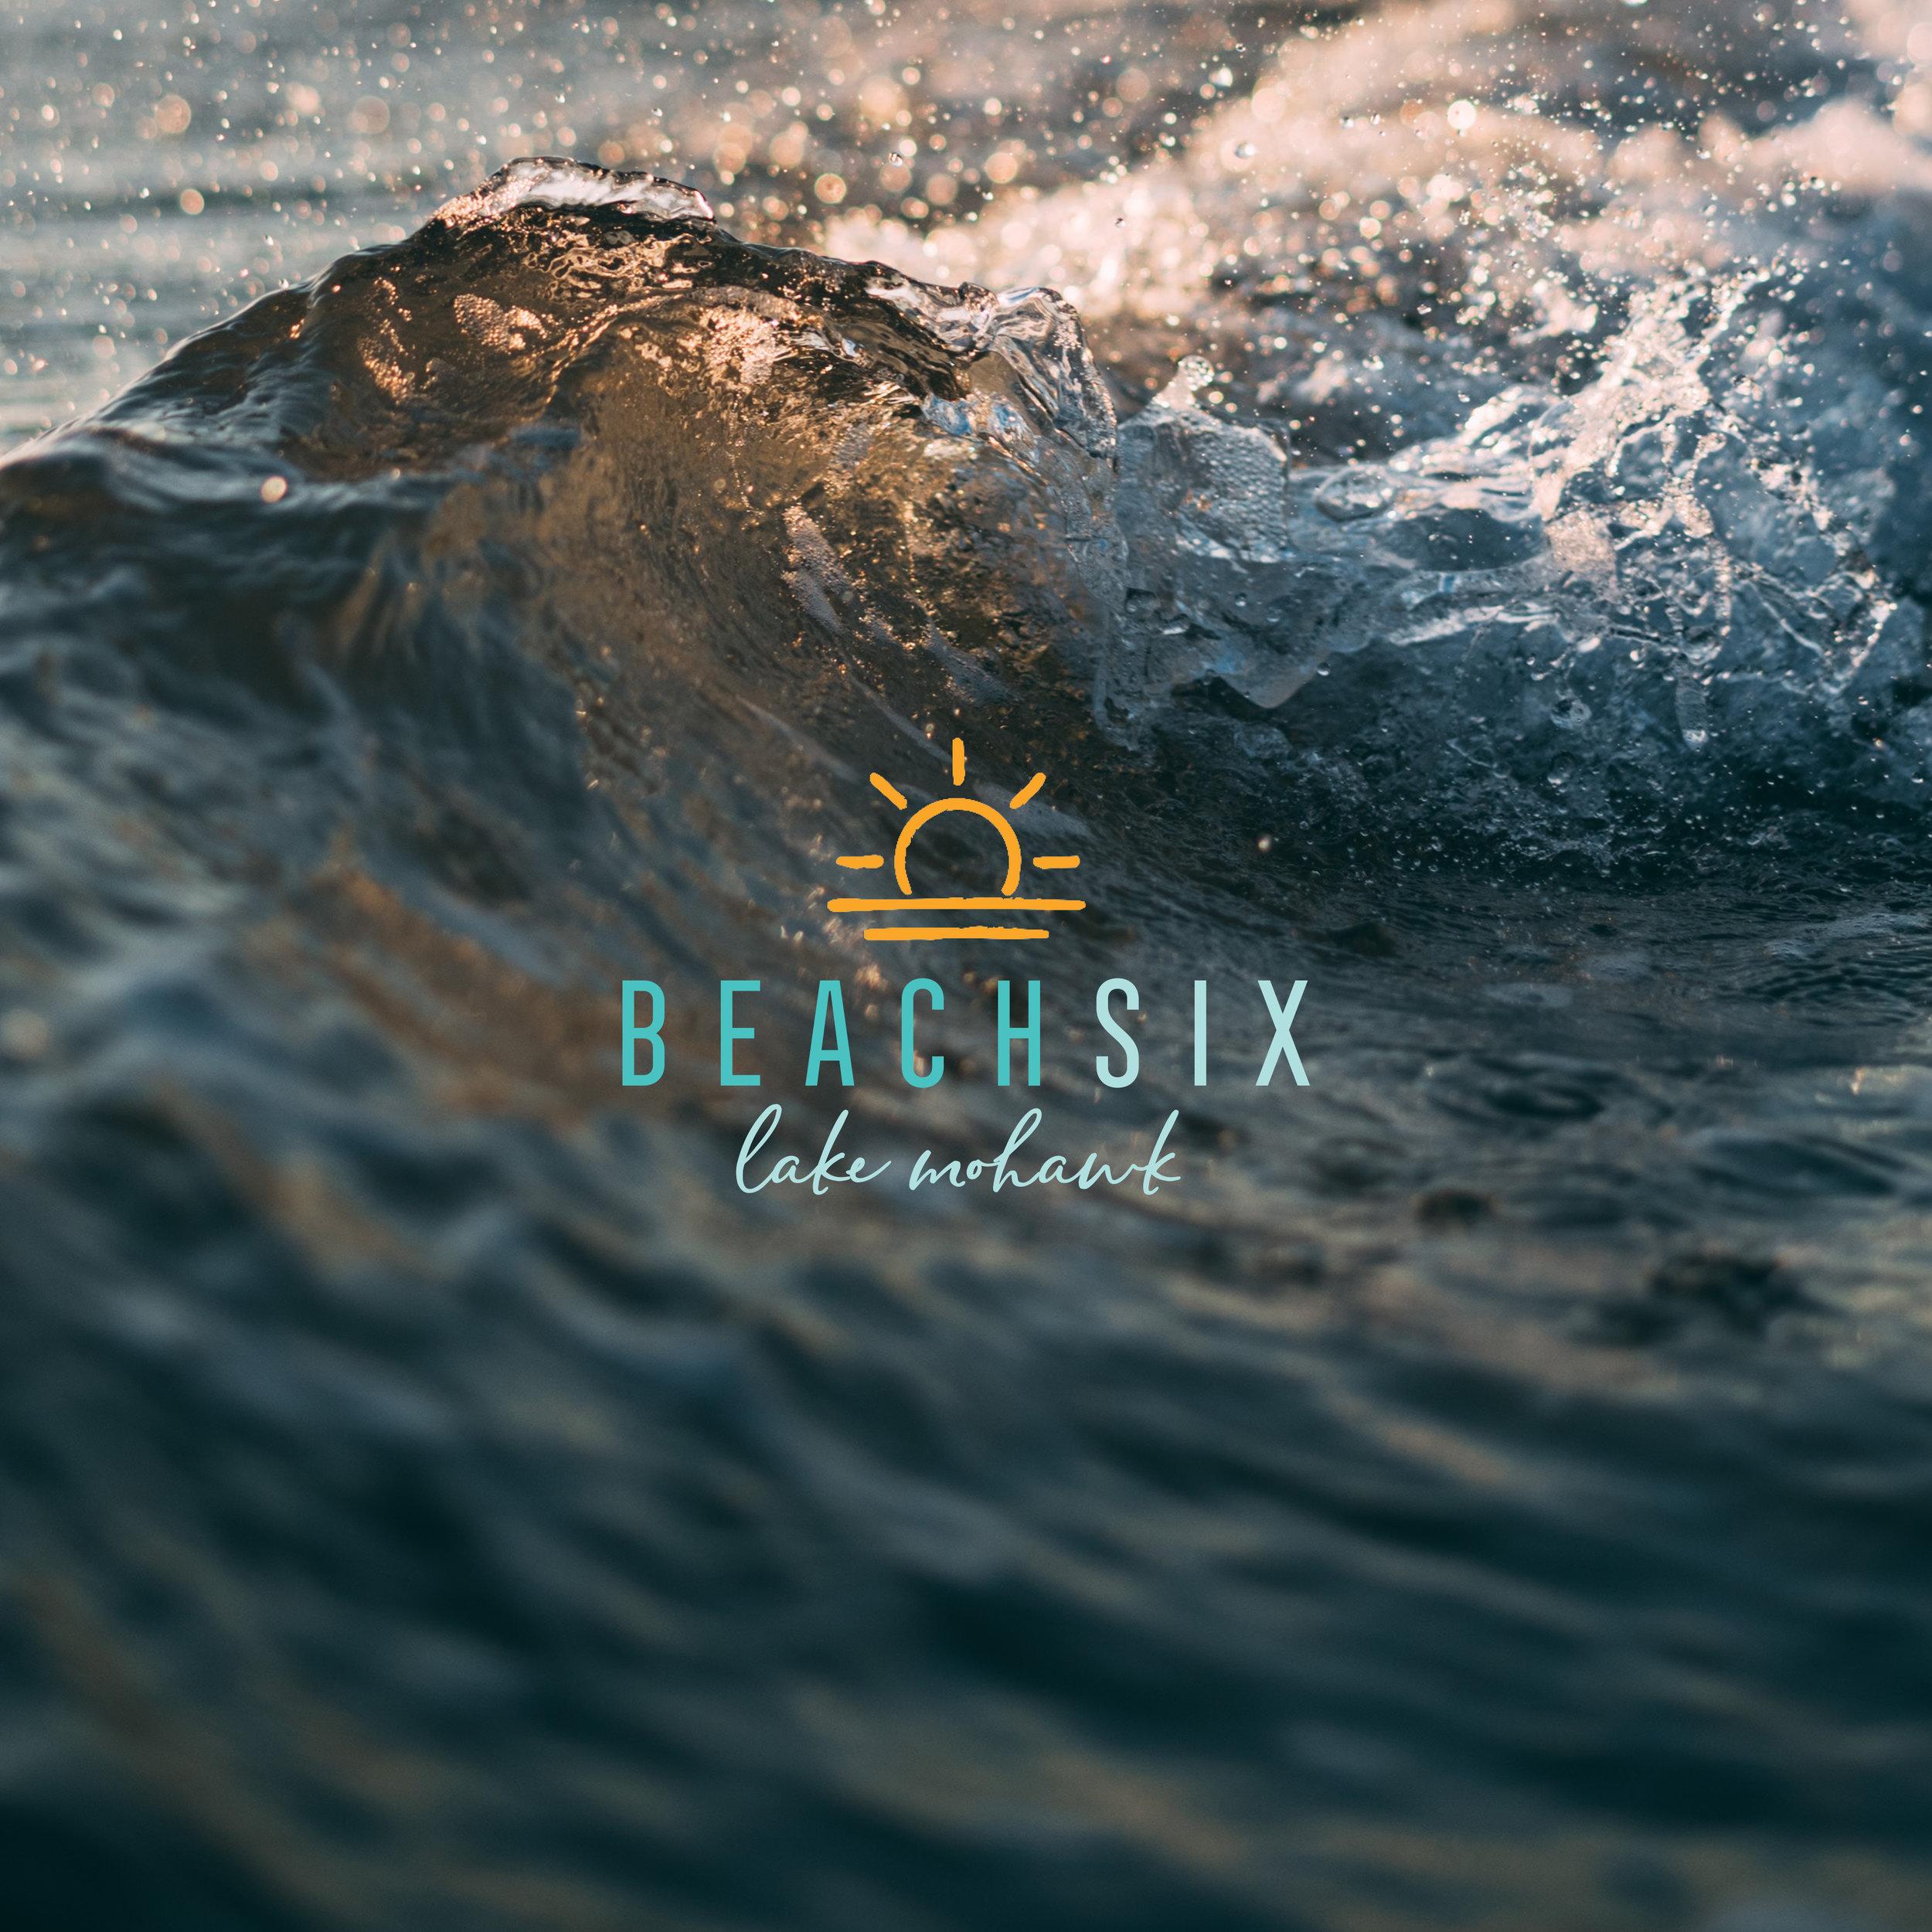 beachsix.jpg